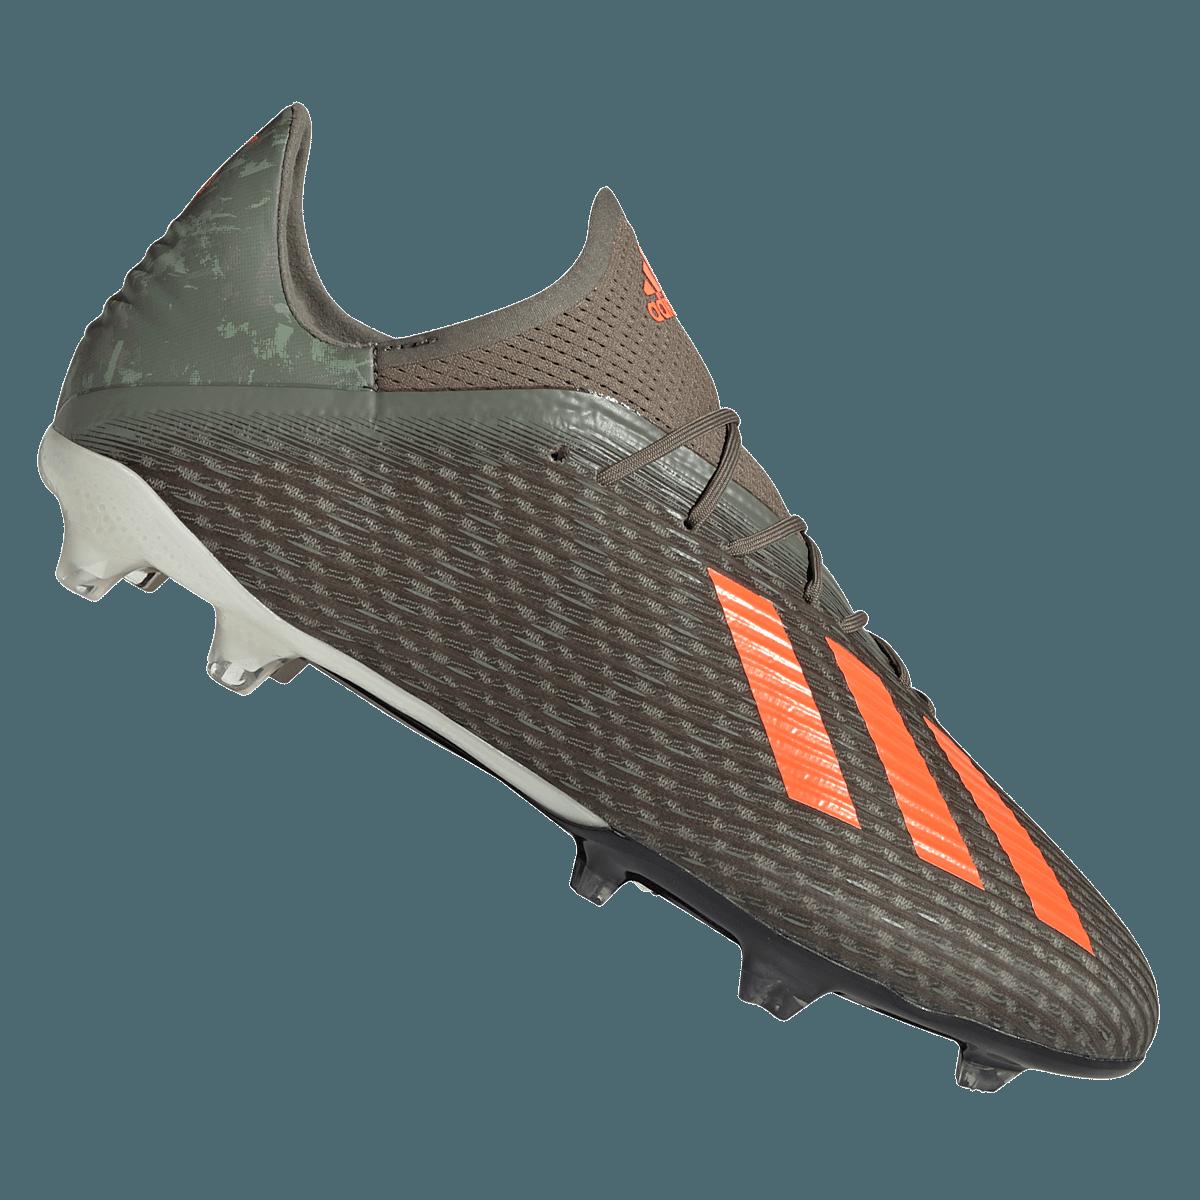 adidas voetbalschoenen X 19.2 FG olijfgroenoranje Voetbal shop